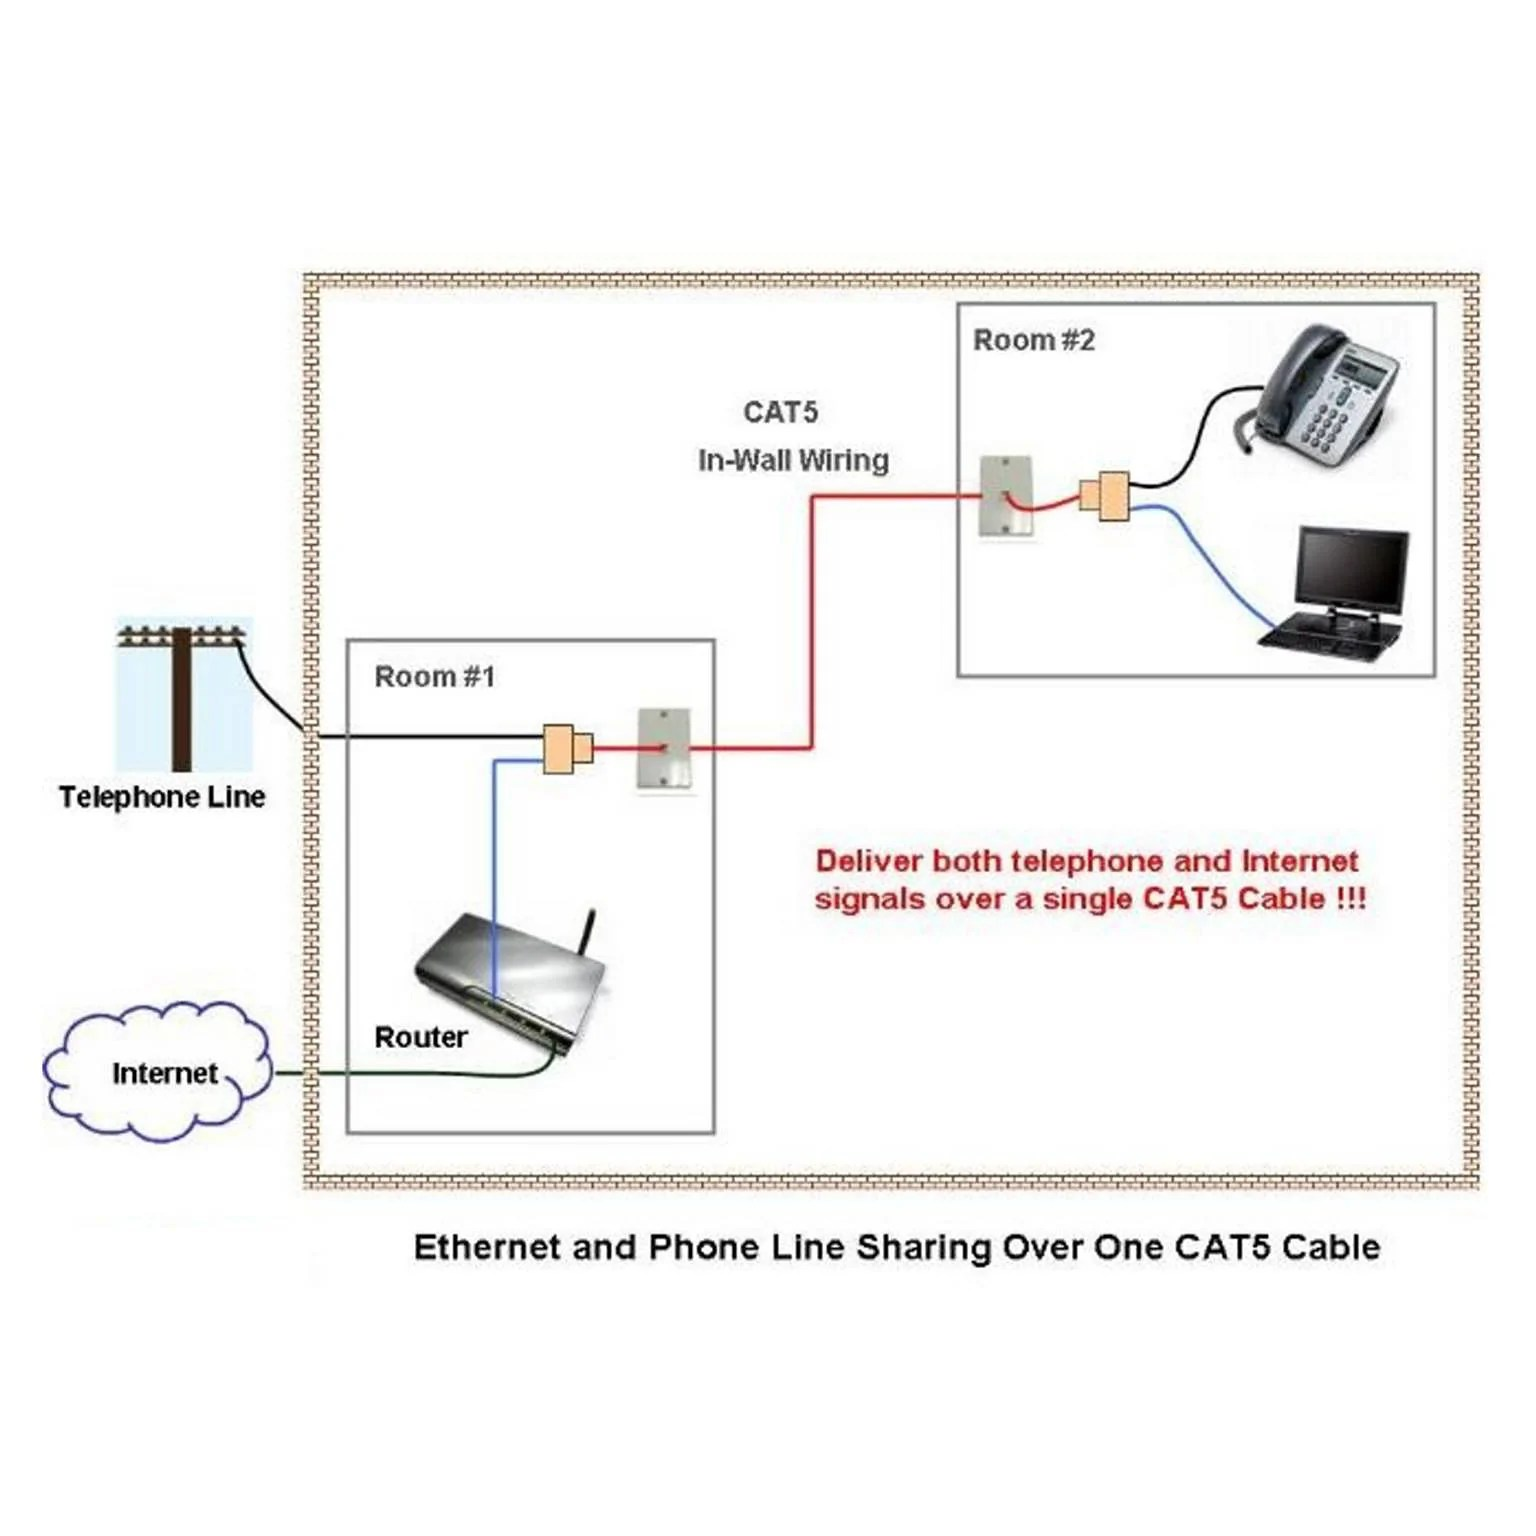 small resolution of rj45 rj11 splitter cable sharing kit for ethernet and phone lineswiring diagram rj11 splitter 14